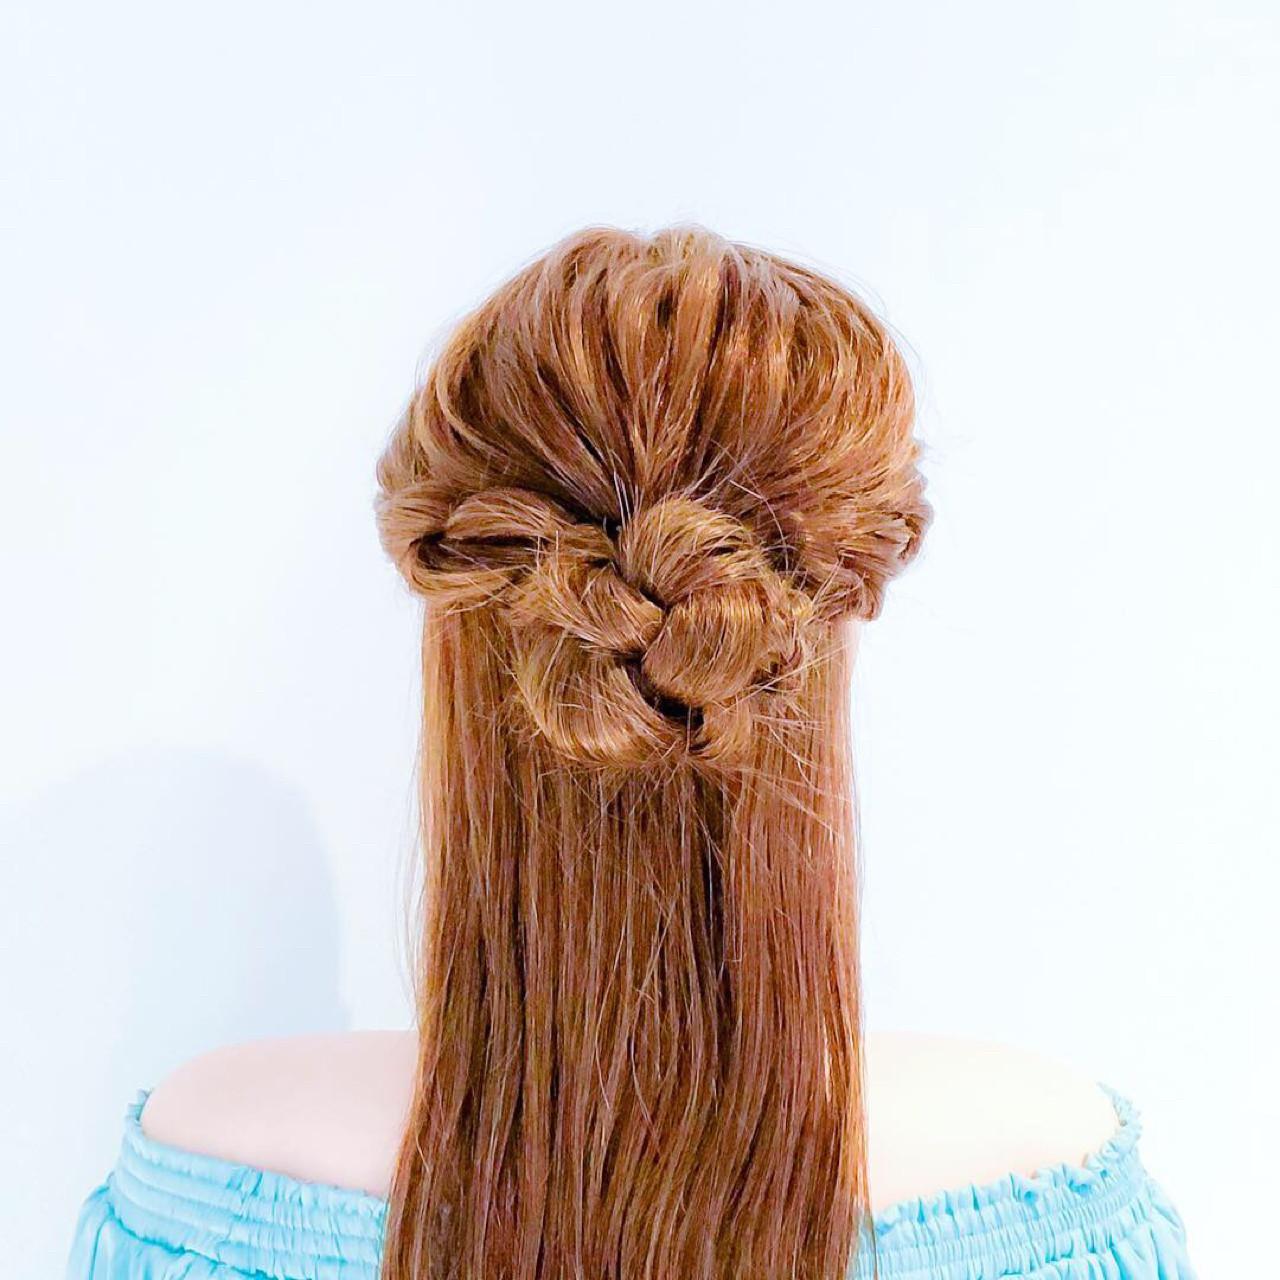 三つ編みとロープ編みのハーフアップ 美容師 HIRO  Amoute/アムティ